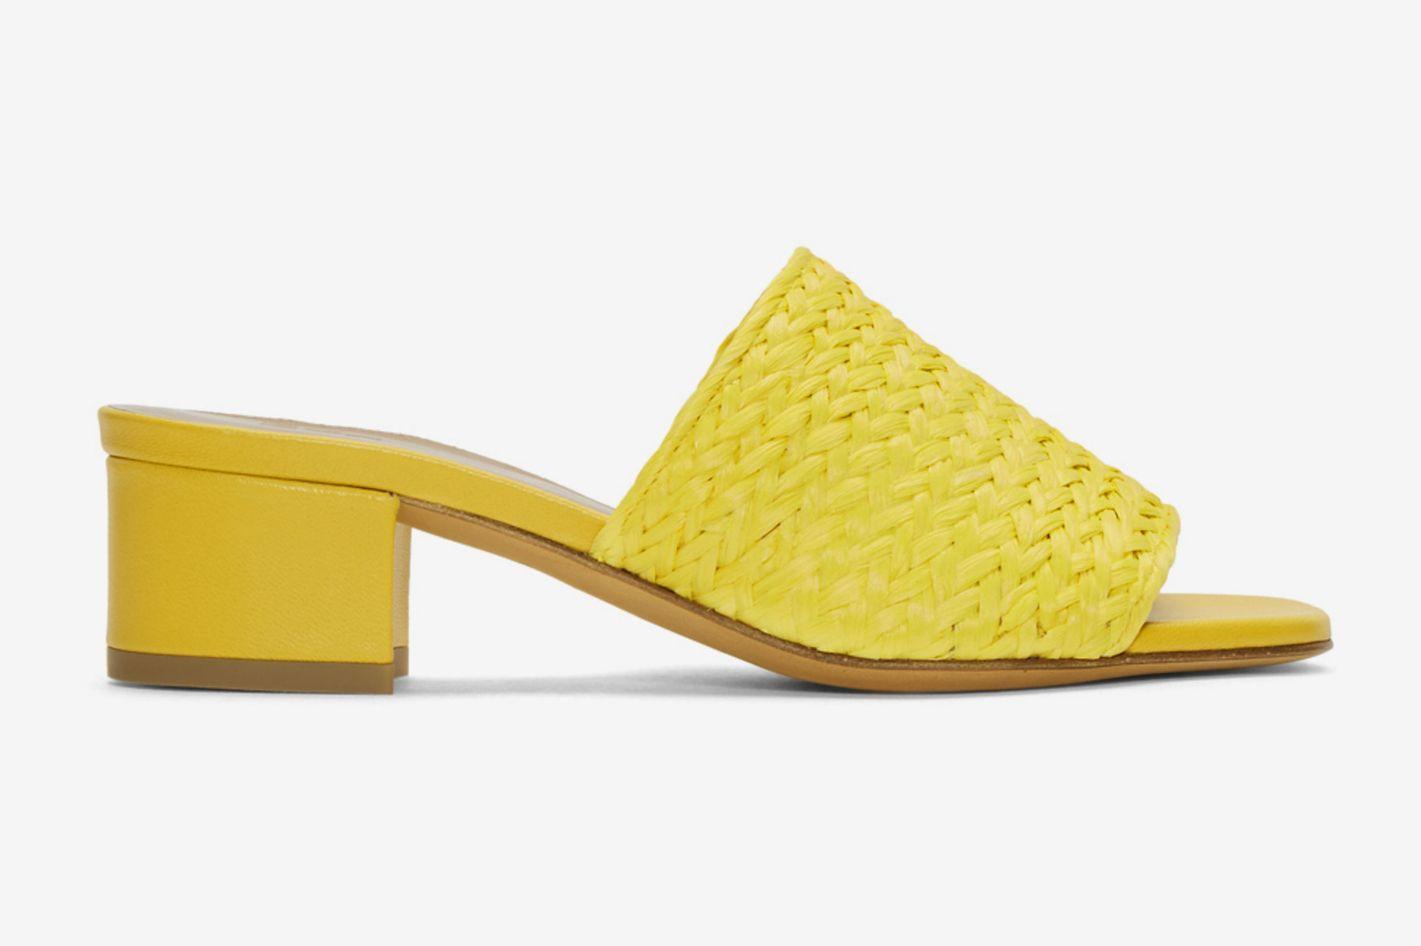 Maryam Nassir Zadeh Yellow Straw Mules